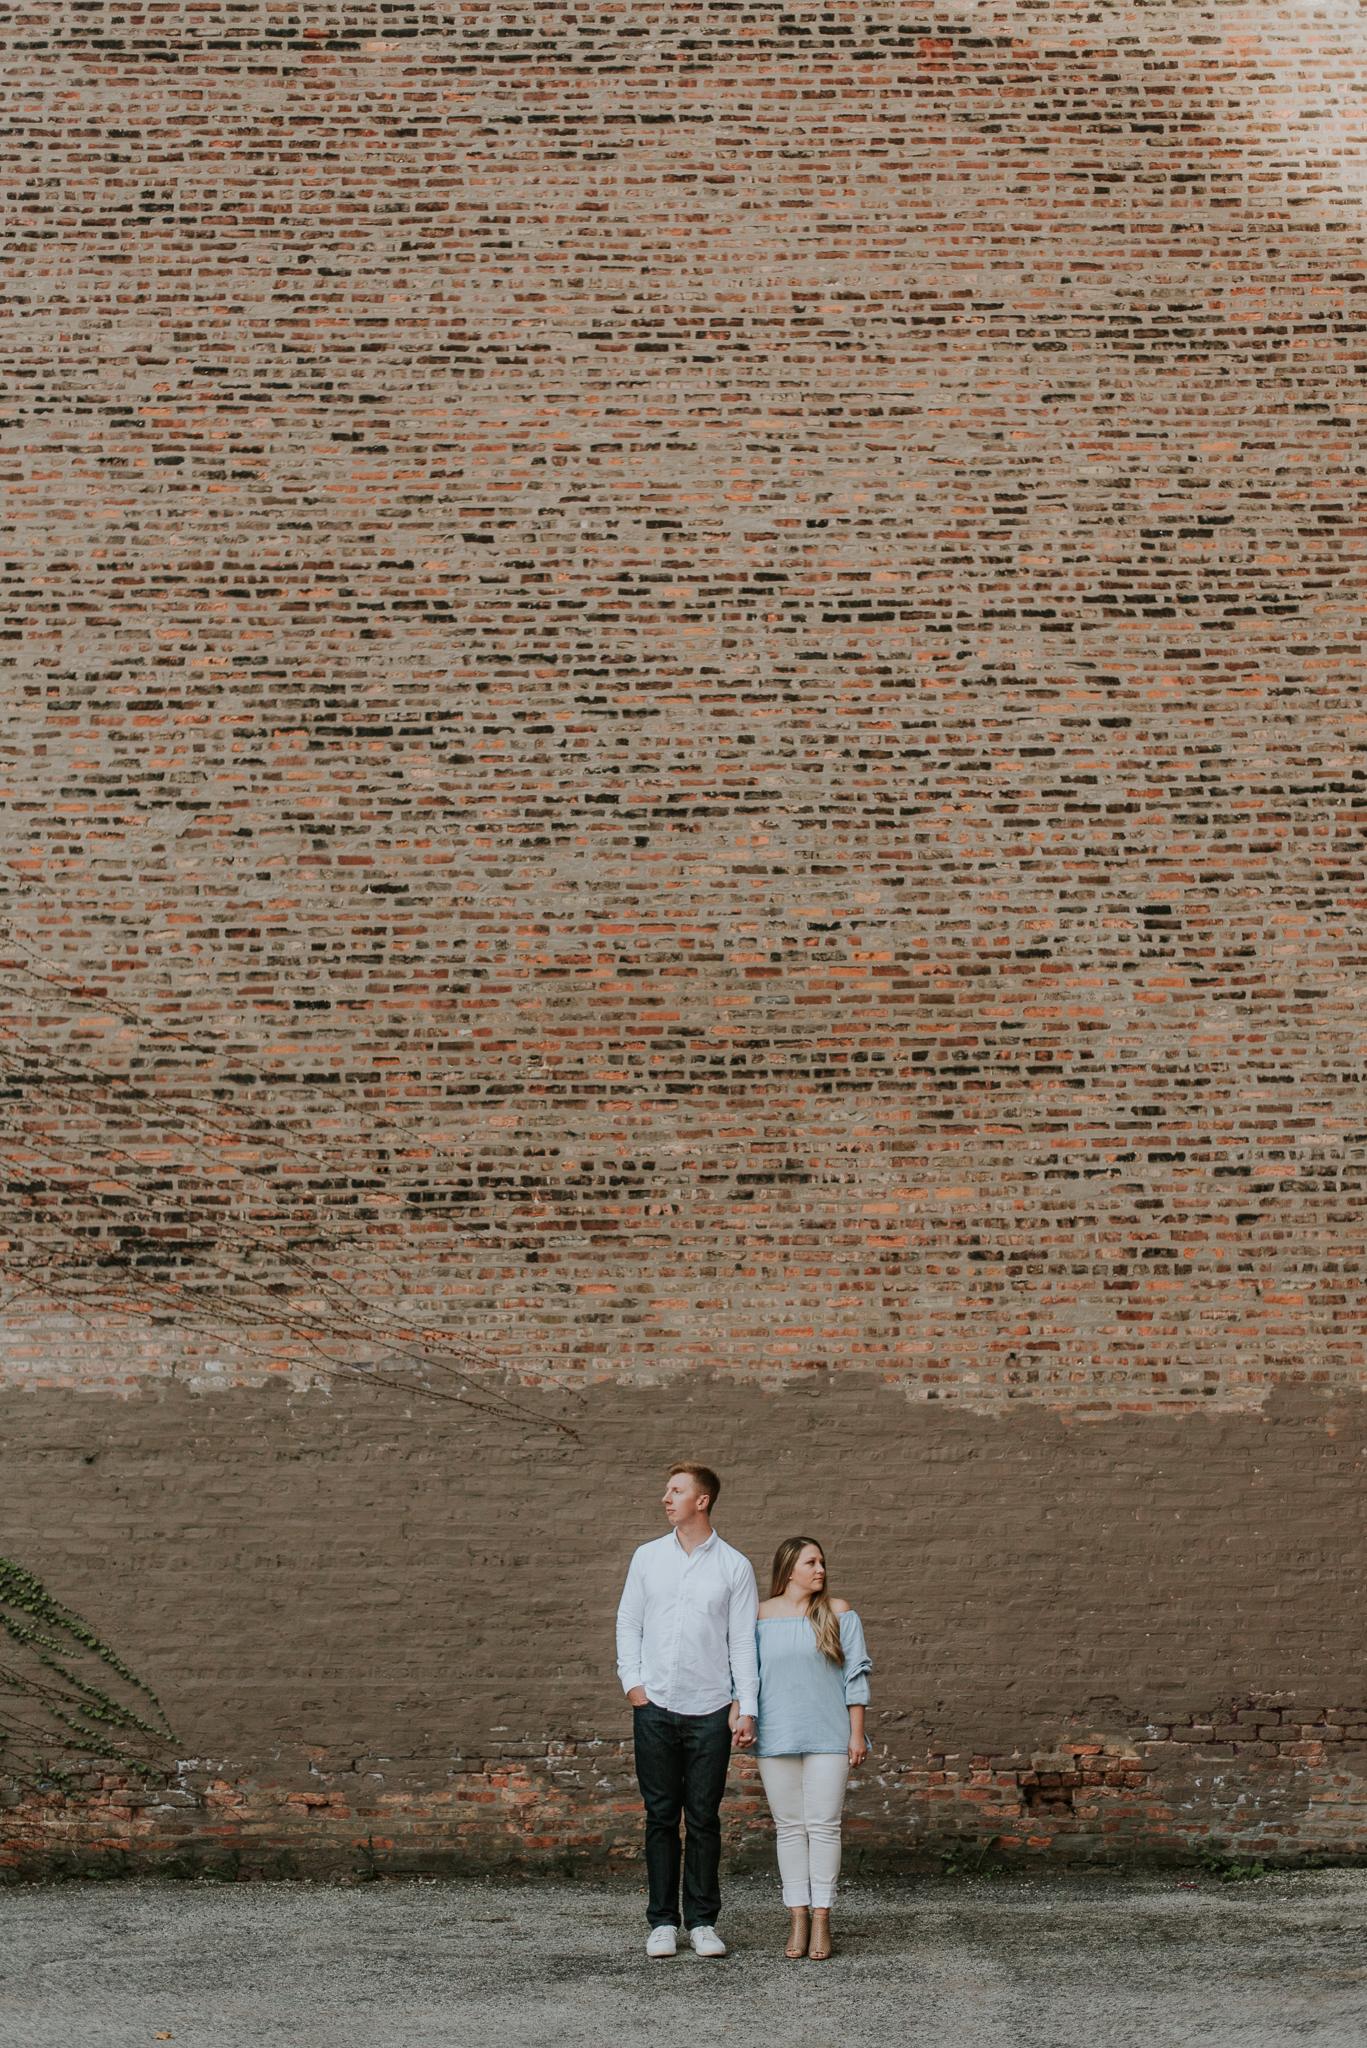 WEST LOOP ENGAGEMENT SESSION | CHICAGO ILLINOIS | KENOSHA WISCONSIN | WEDDINGS | LISH MARIE PHOTO-30.jpg